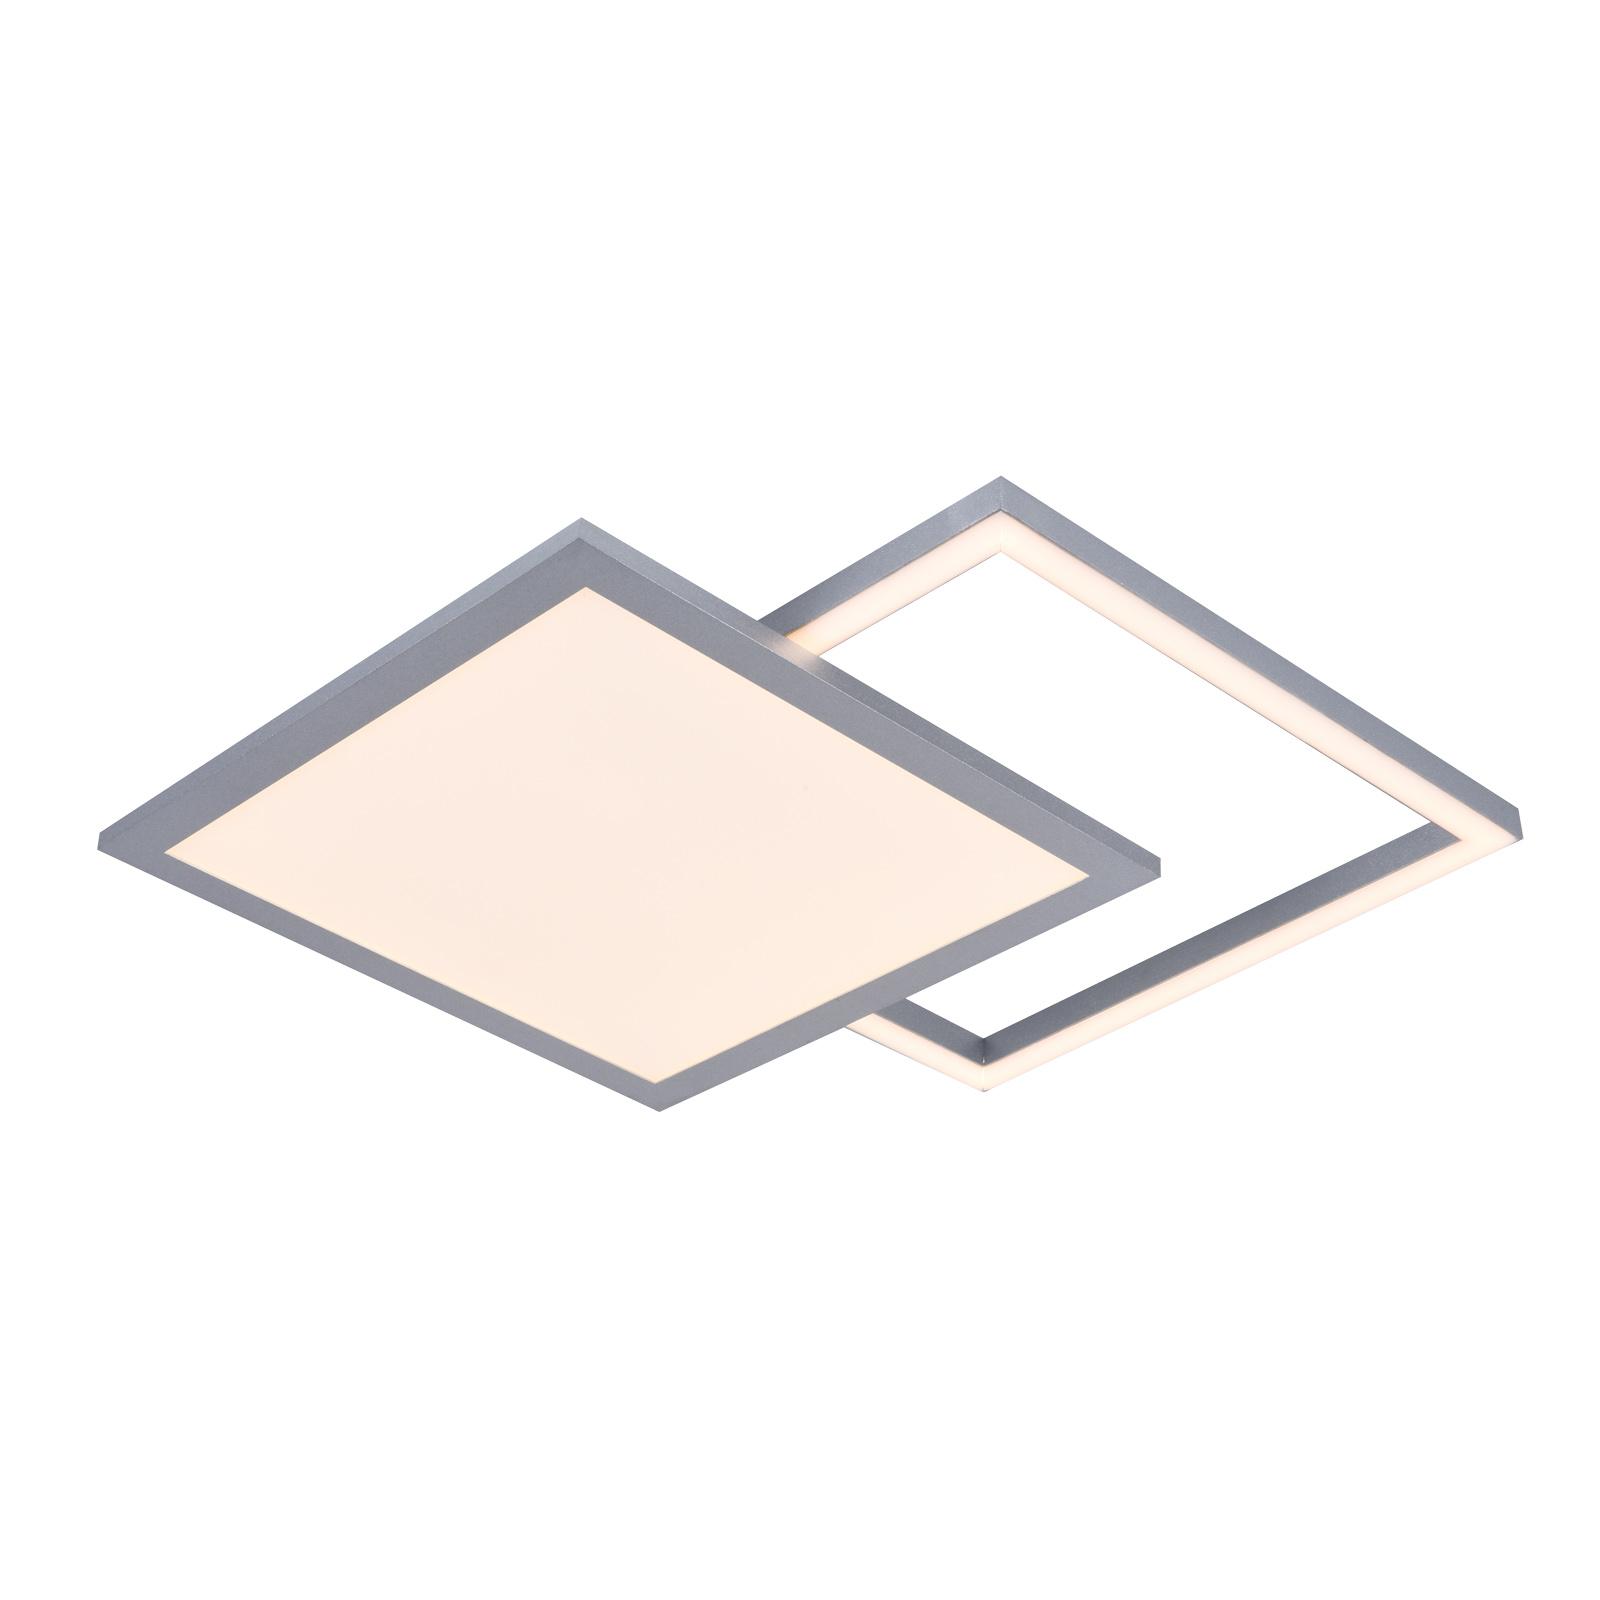 Lucande Senan lampa sufitowa LED, kwadraty